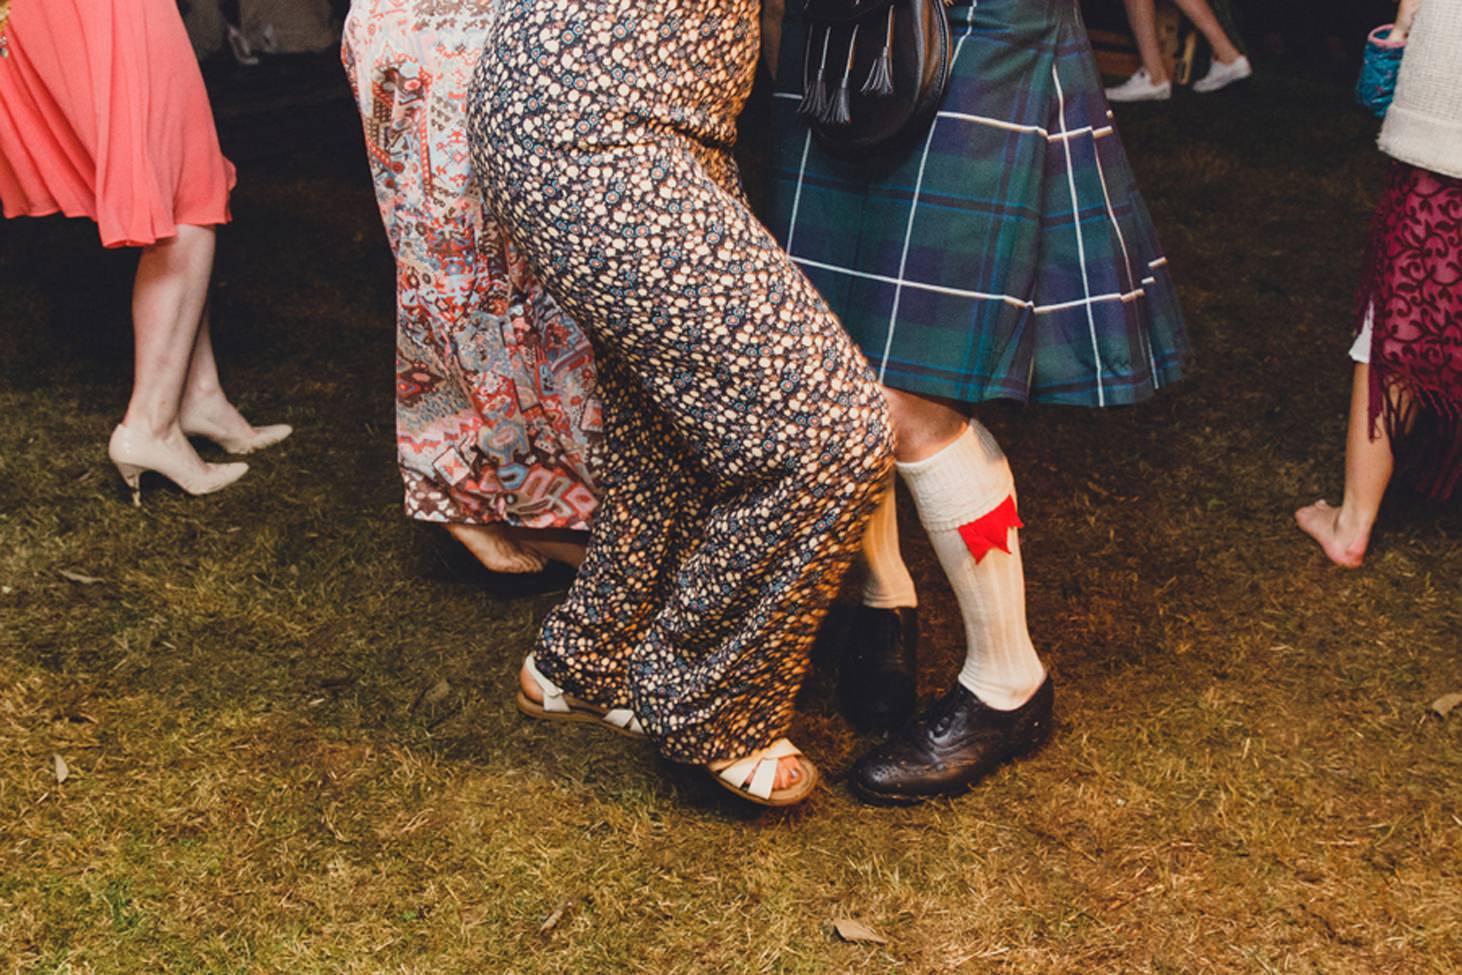 mount stuart wedding photography dancing feet